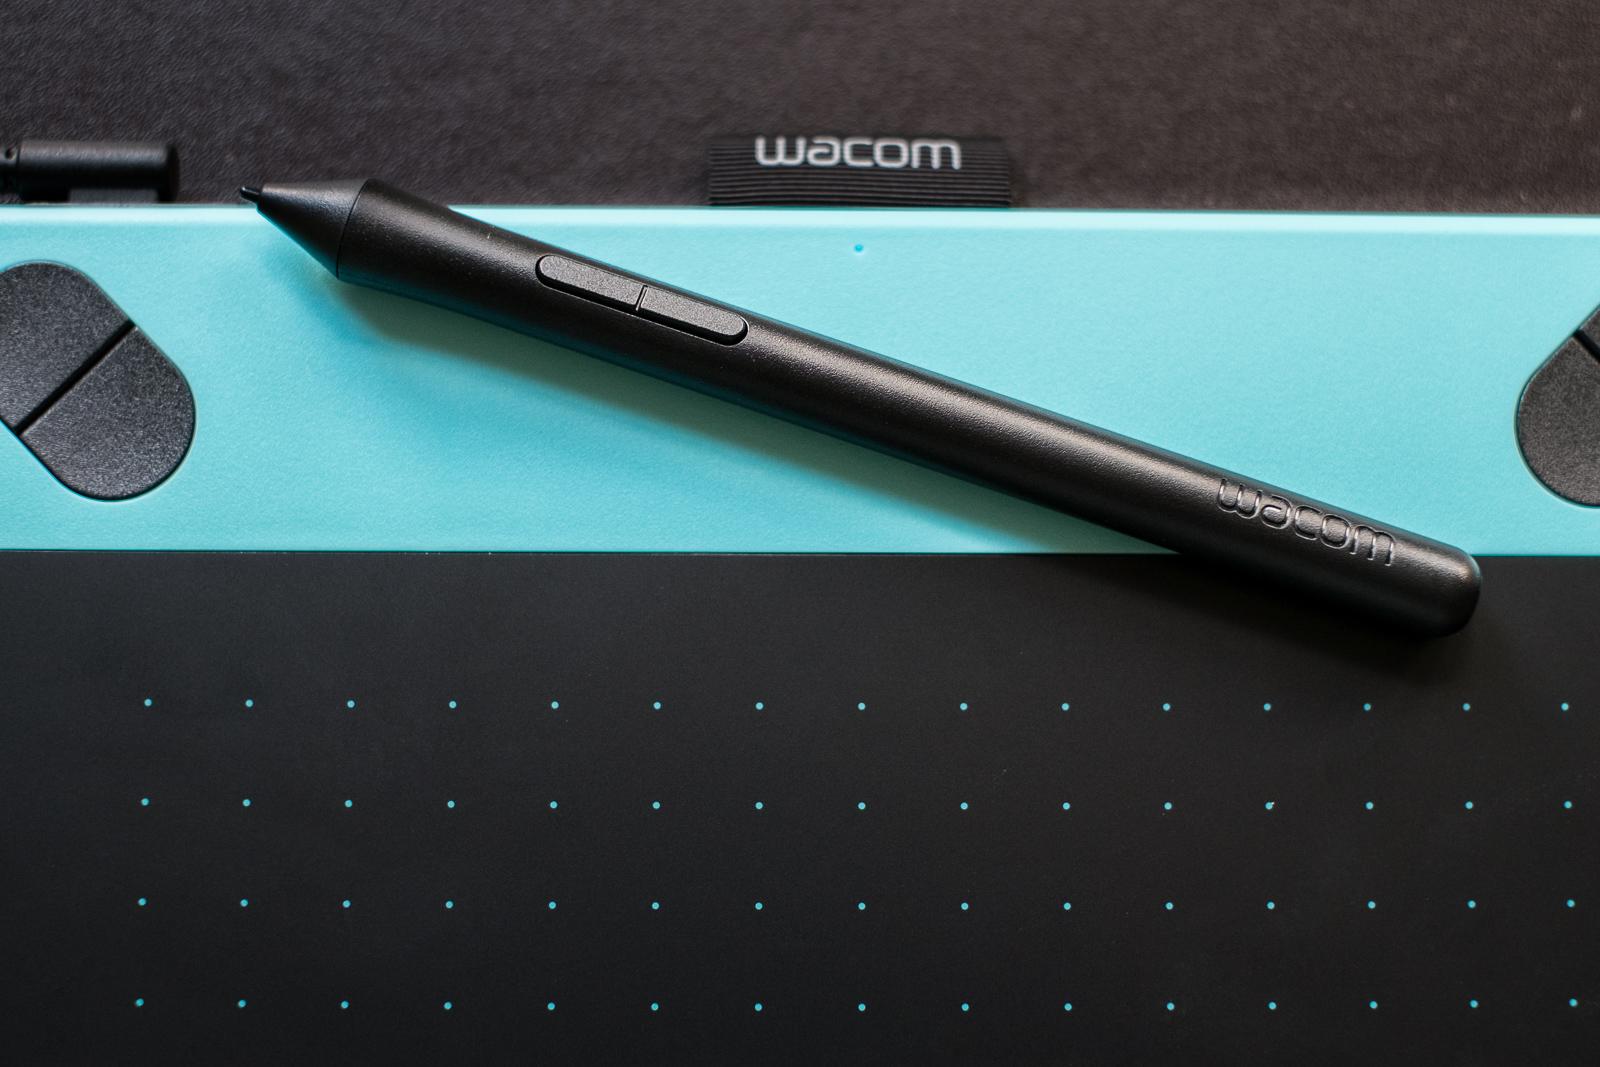 wacom-intuos-draw-012